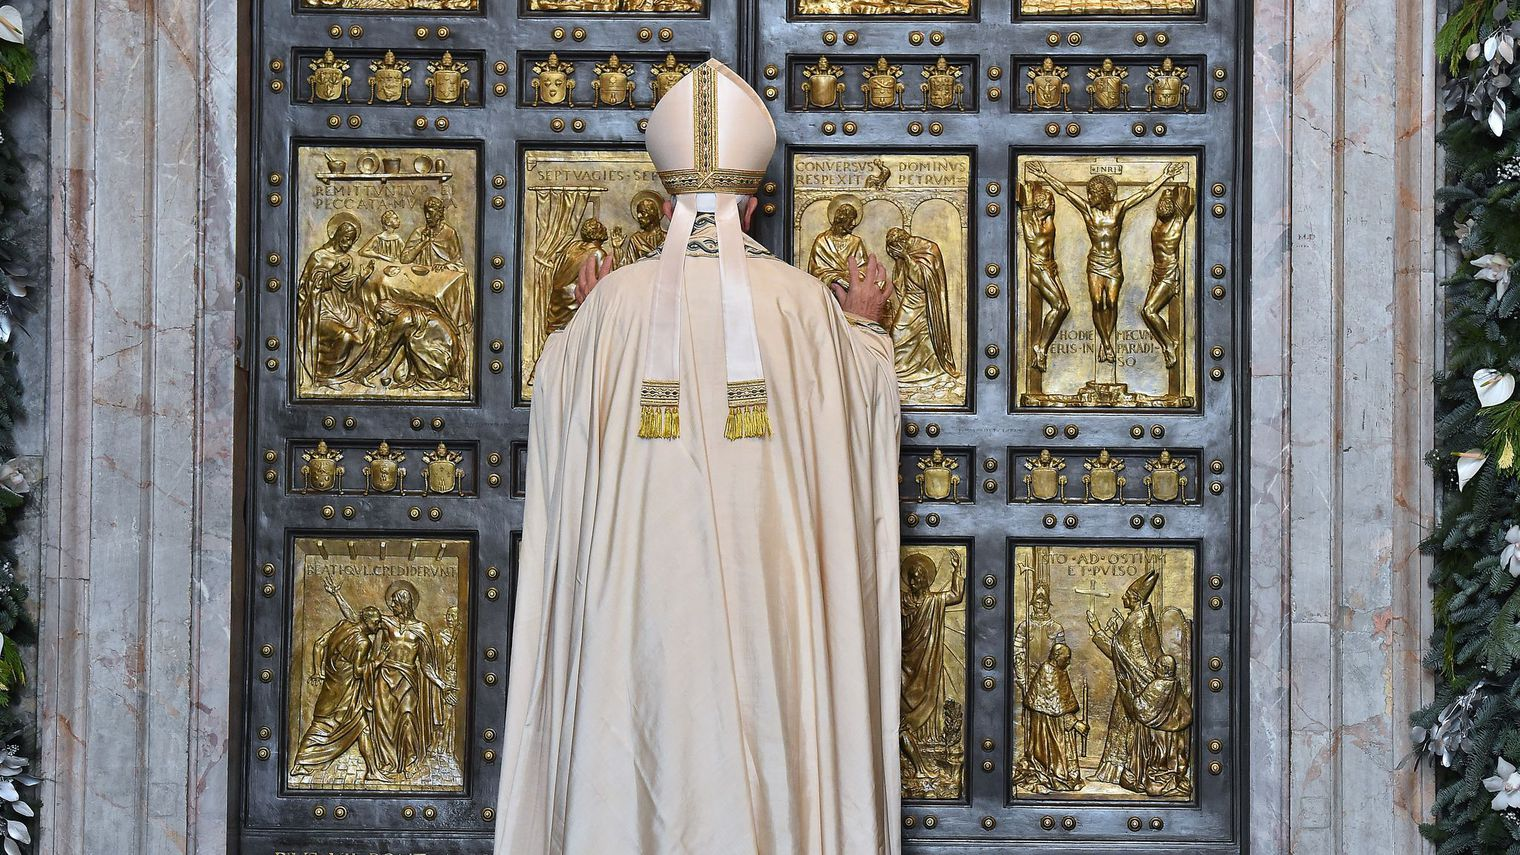 ouverture de la porte sainte de la basilique saint pierre